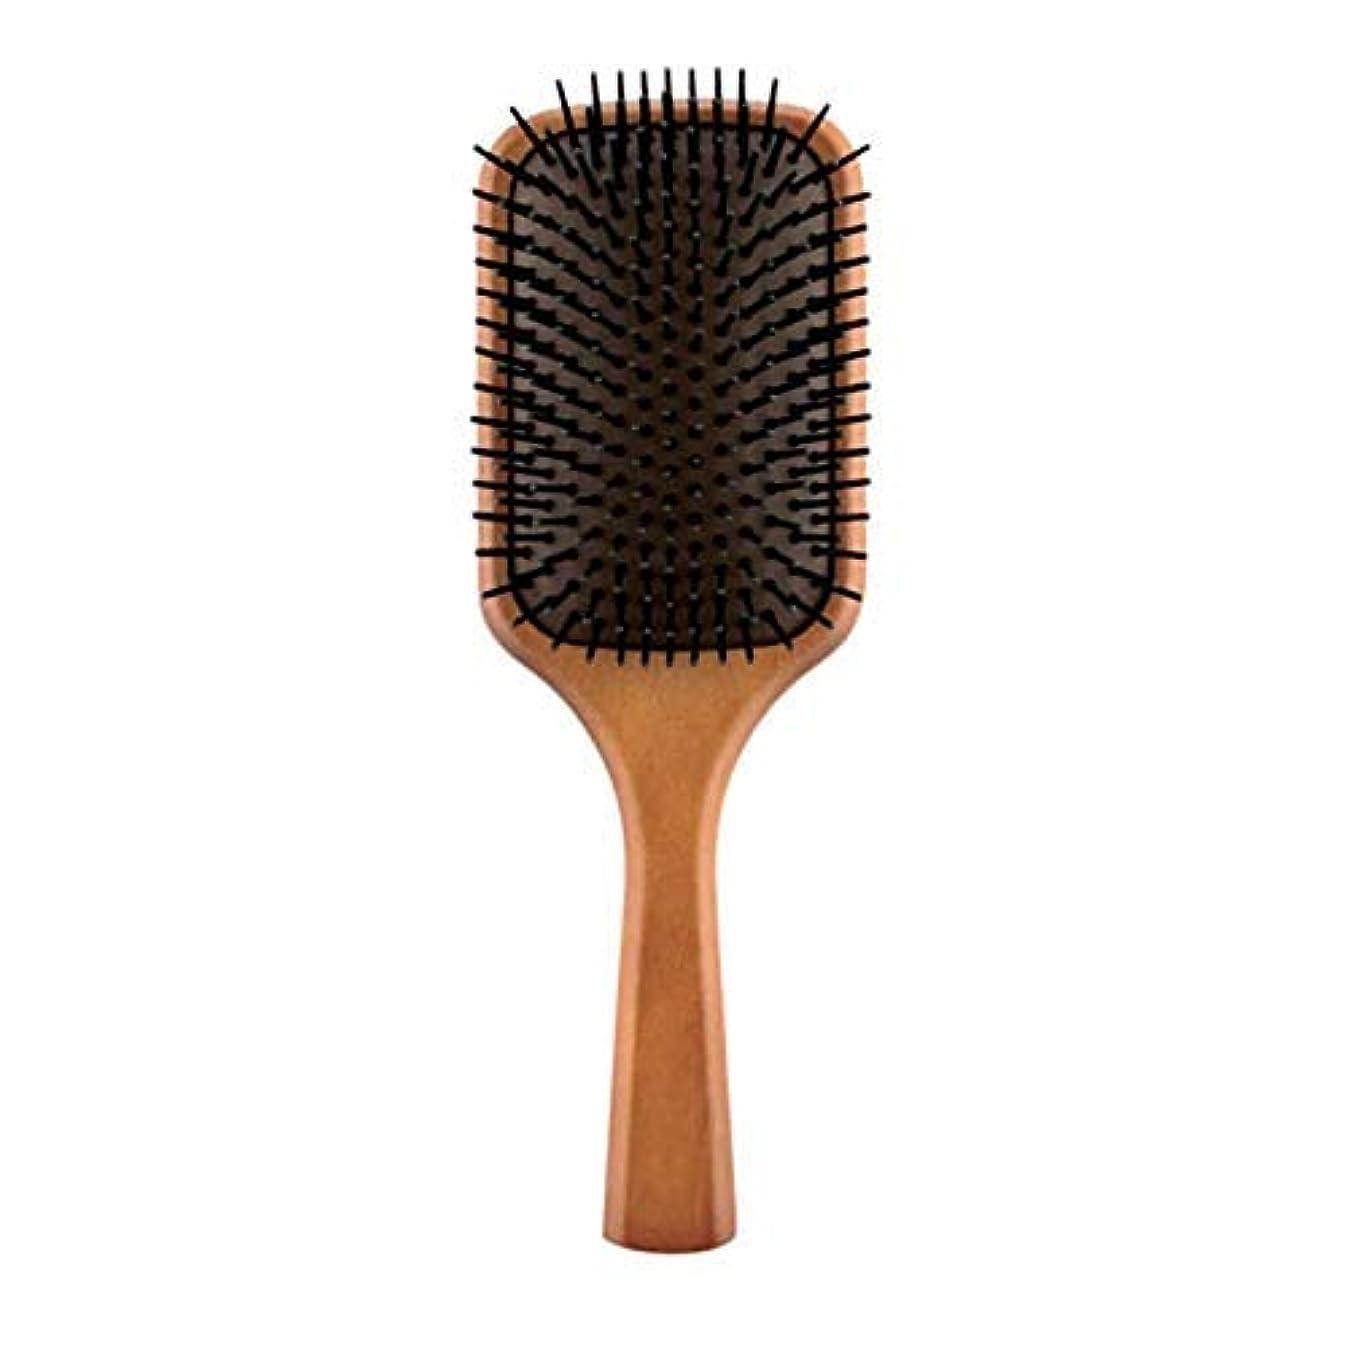 構造的隙間気分が良いヘアケア パドルブラシ 頭皮ケア InstagramなどのSNSで大人気